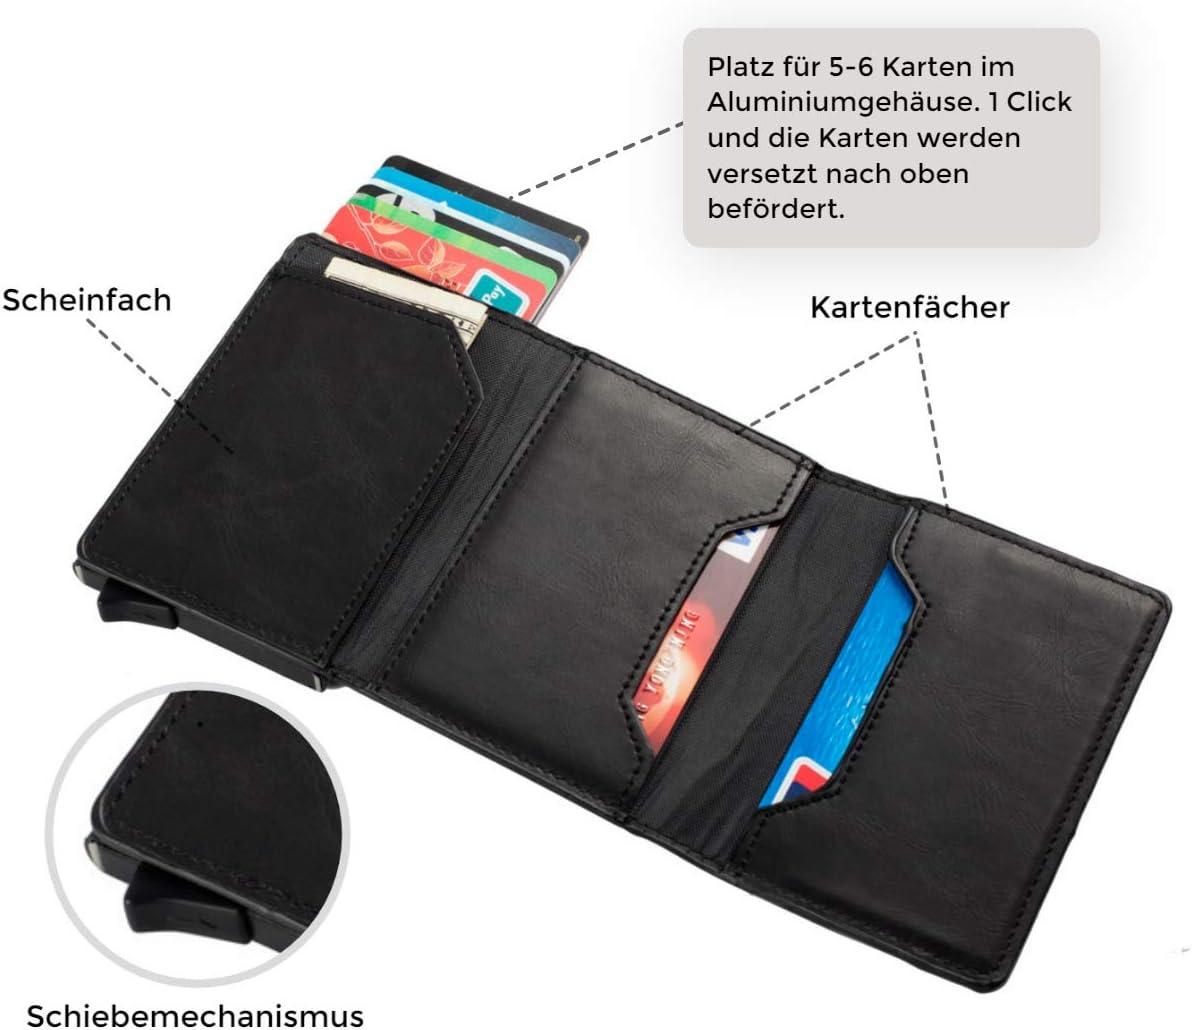 Porte Feuille pour Homme Portefeuille Metallique Etui Carte bancaire Anti piratage RFID HAFEID Porte Carte bancaire